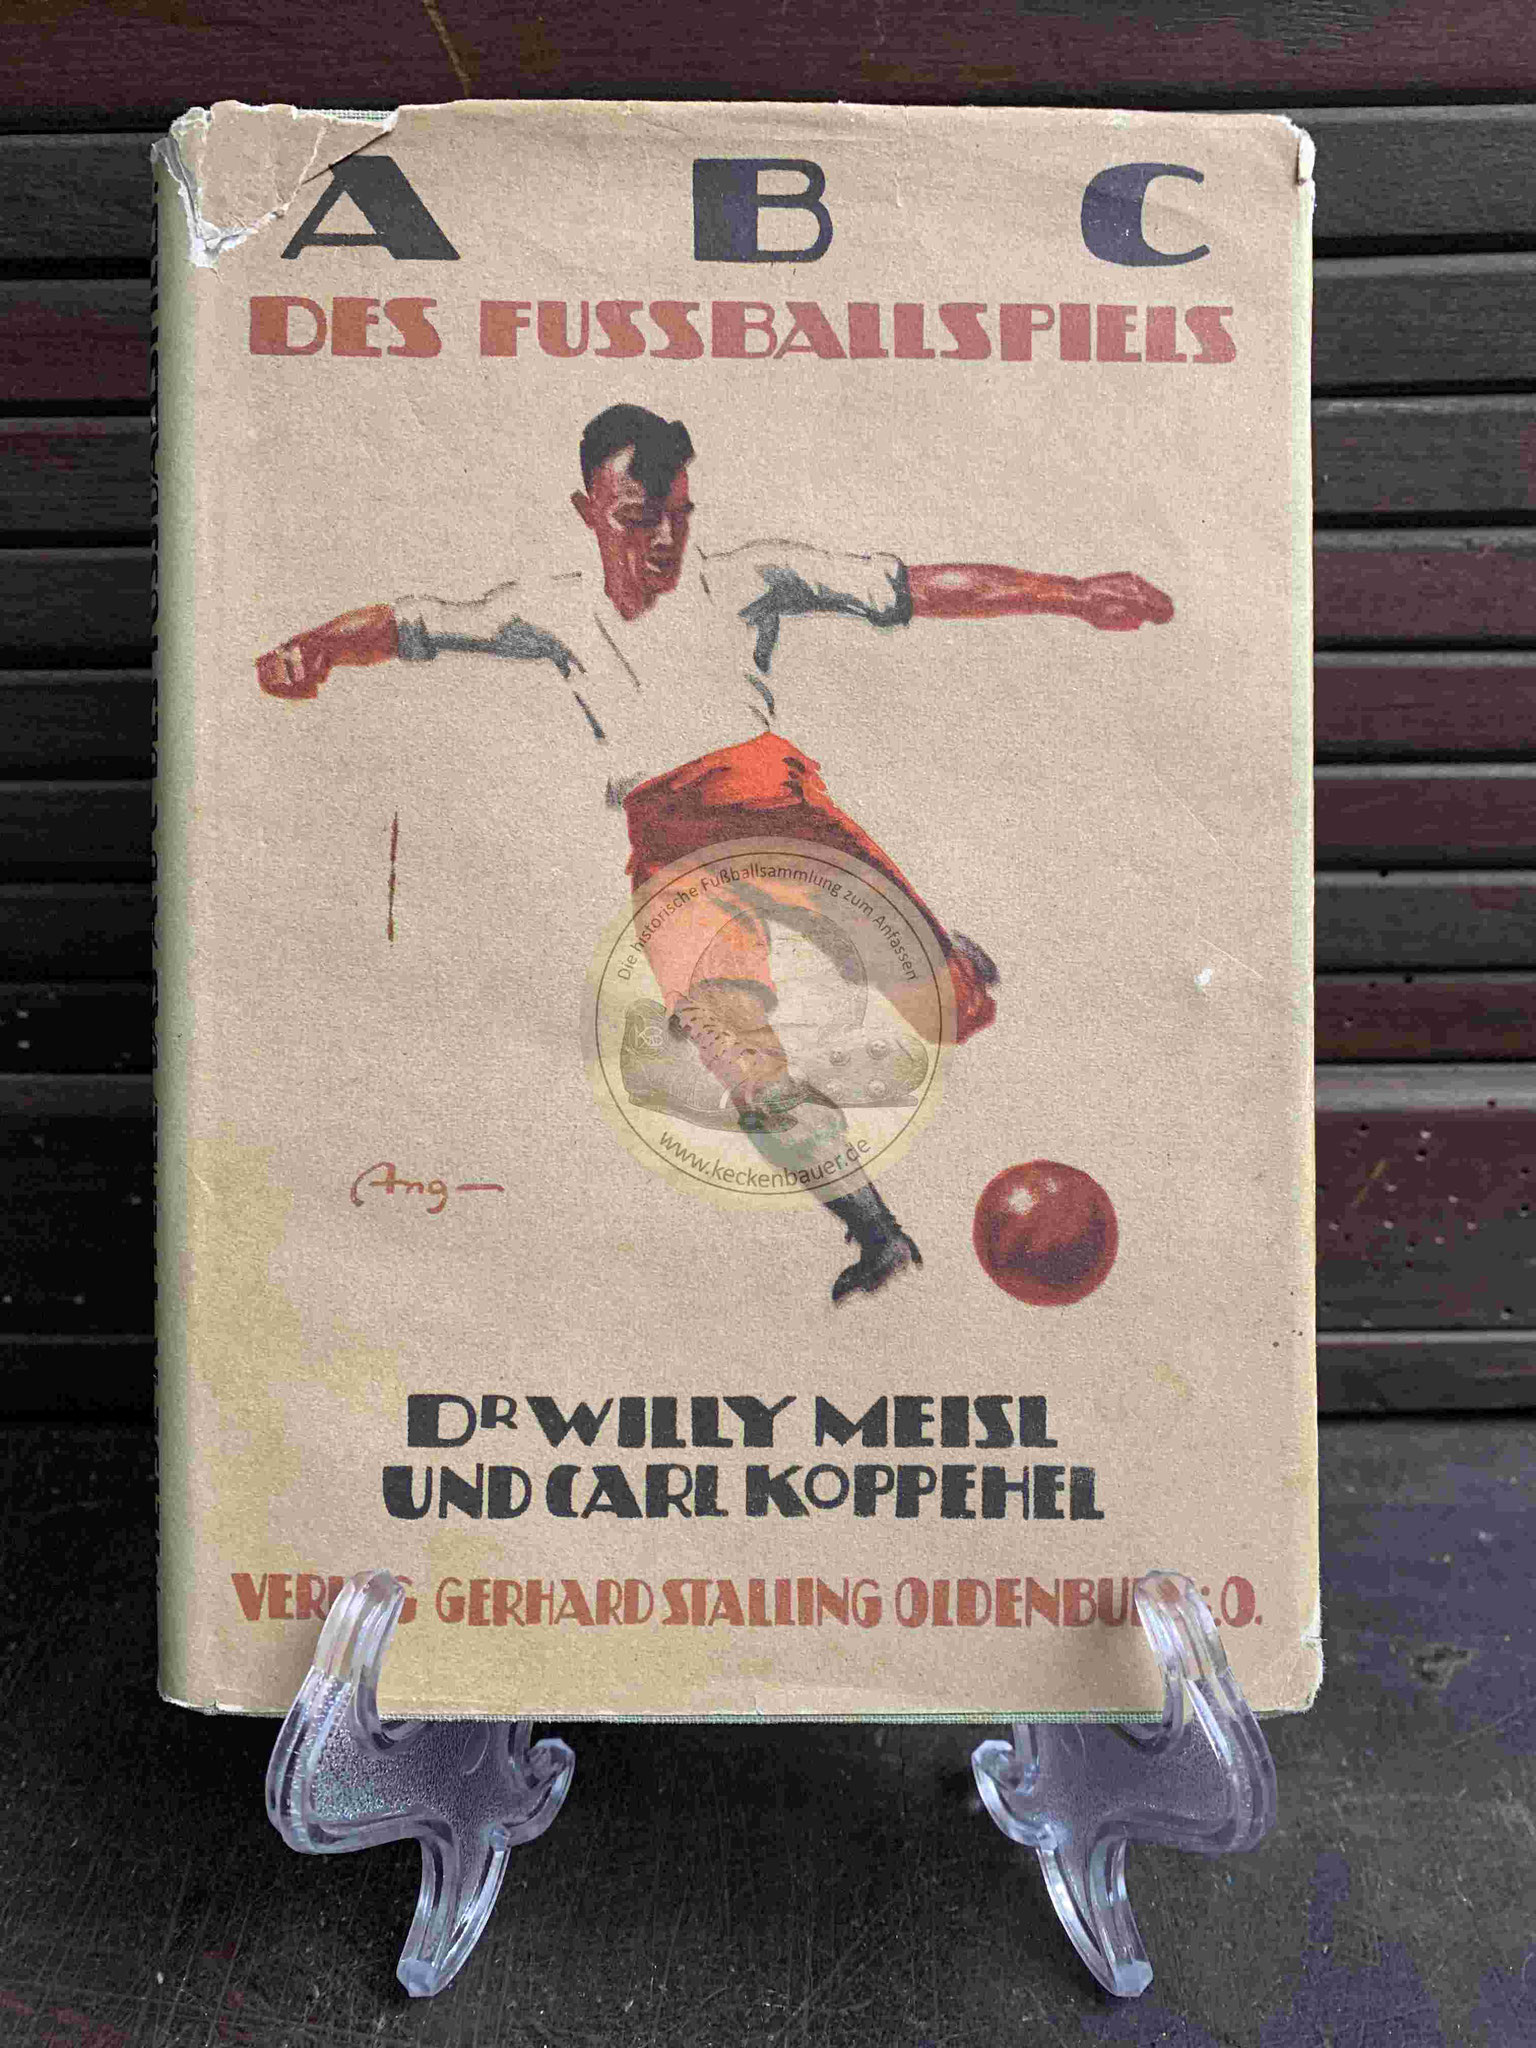 ABC des Fussballspiels von Dr. Willy Meisl und Carl Koppehel im Verlag Gerhard Stalling Oldenburg aus dem Jahr 1925